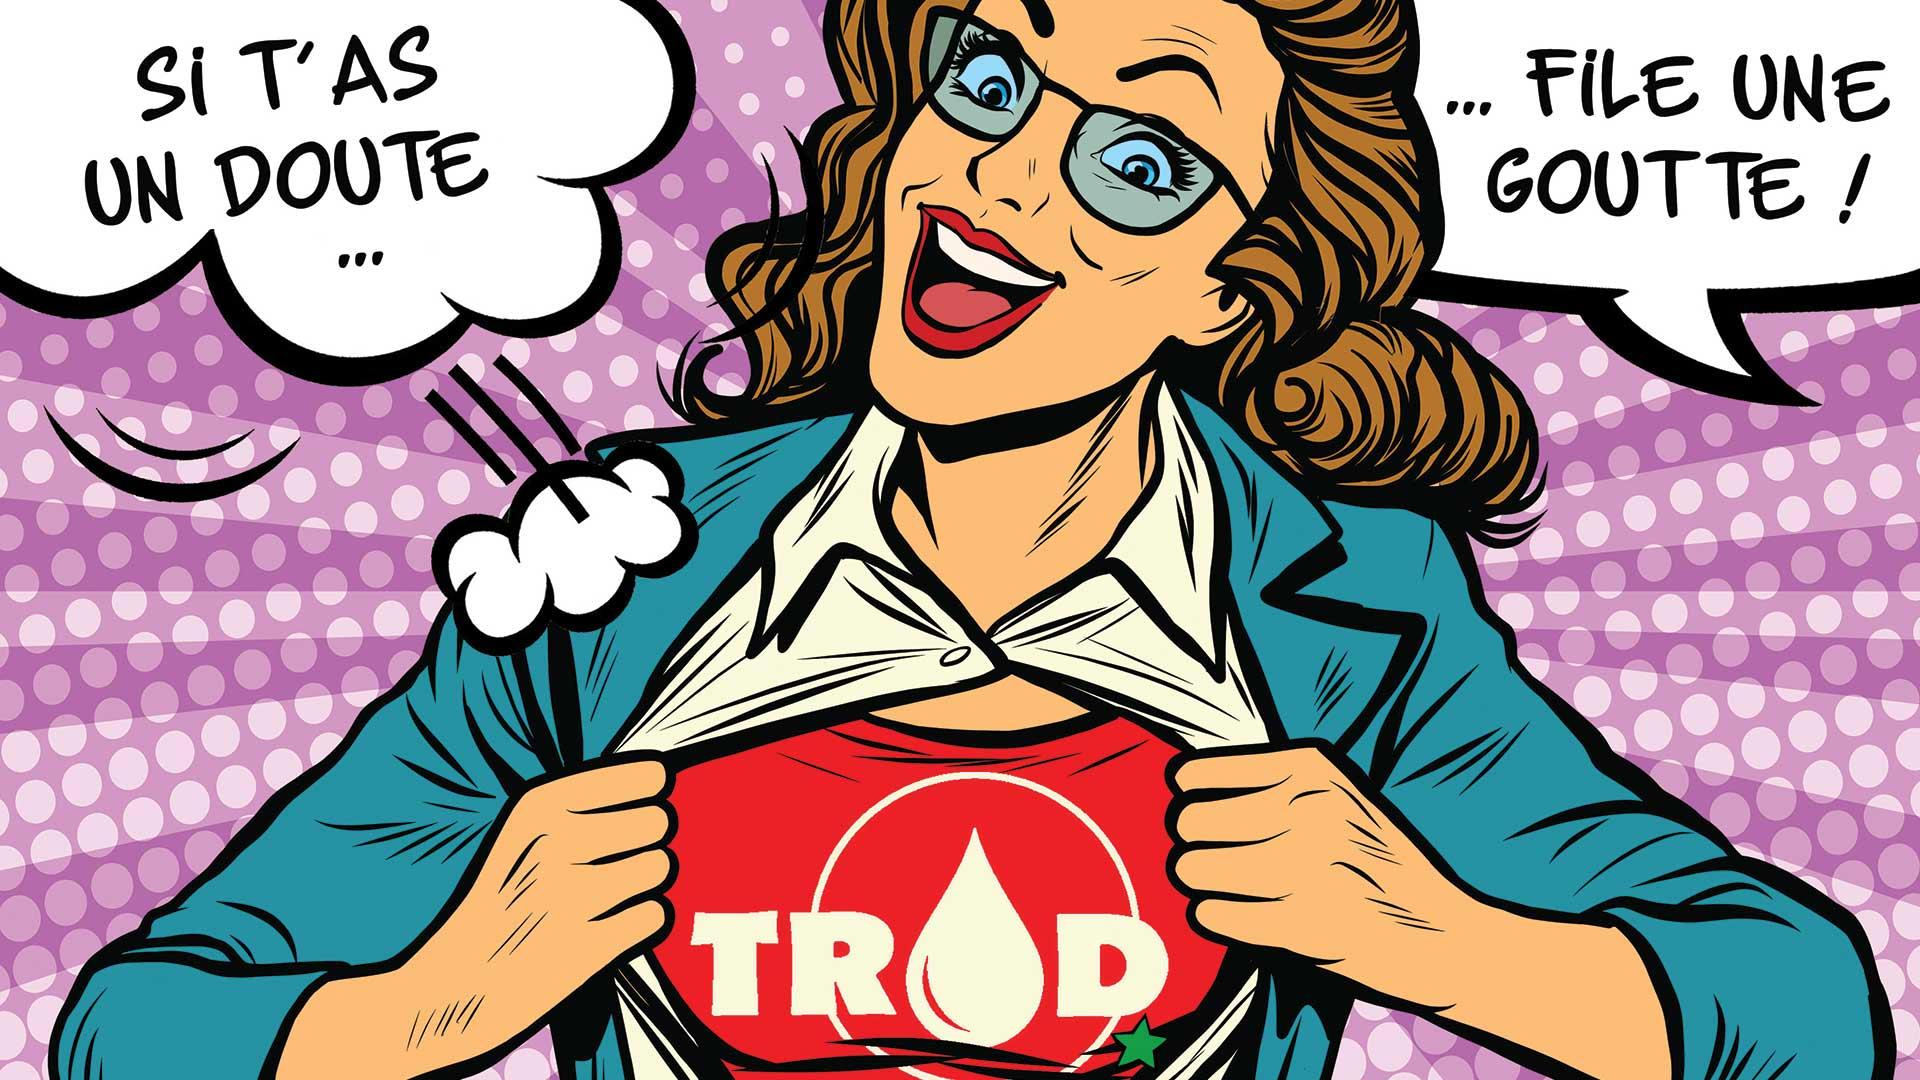 Vous pensez avoir pris un risque il y a plus de trois mois ? Nous organisons pour vous un dépistage du VIH GRATUIT, RAPIDE et CONFIDENTIEL !